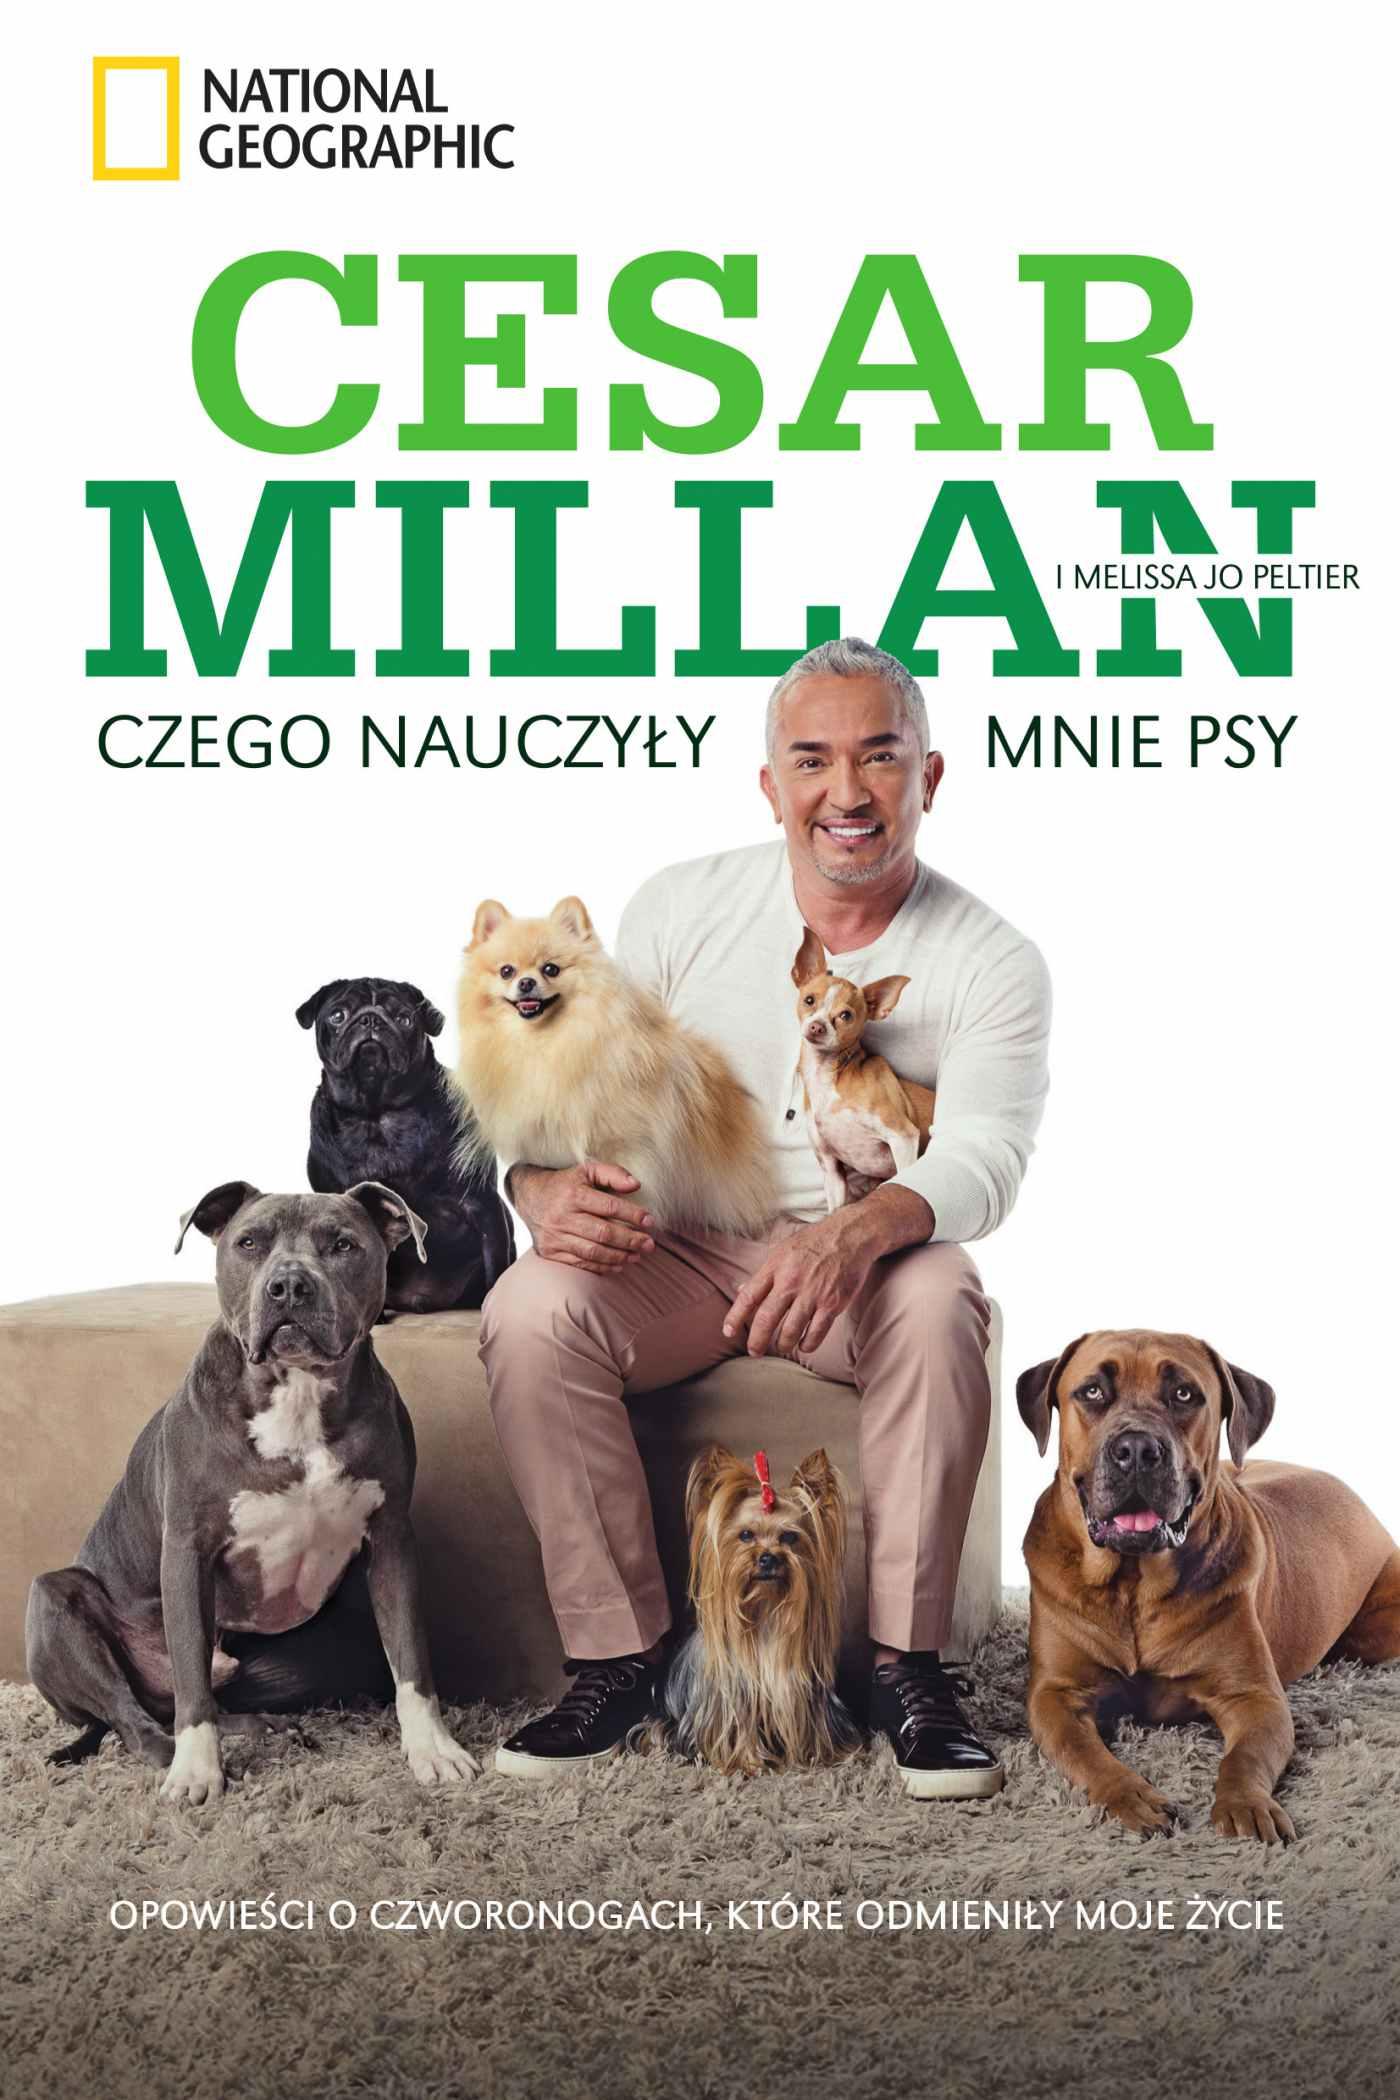 Czego nauczyły mnie psy. Opowieści o czworonogach, które odmieniły moje życie - Ebook (Książka na Kindle) do pobrania w formacie MOBI